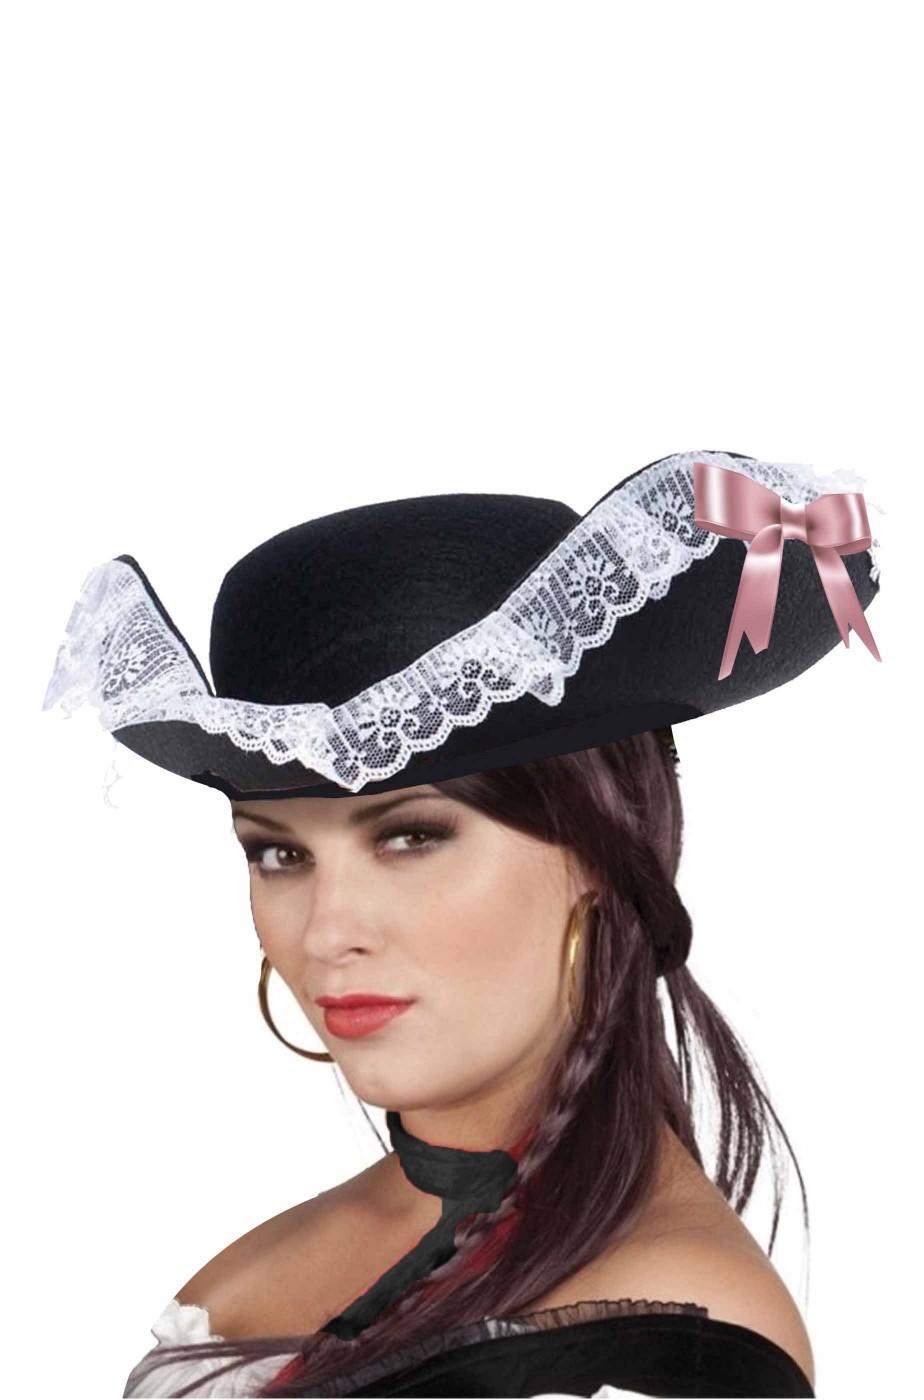 Cappello da Pirata donna nero con fiocco rosa e pizzo bianco